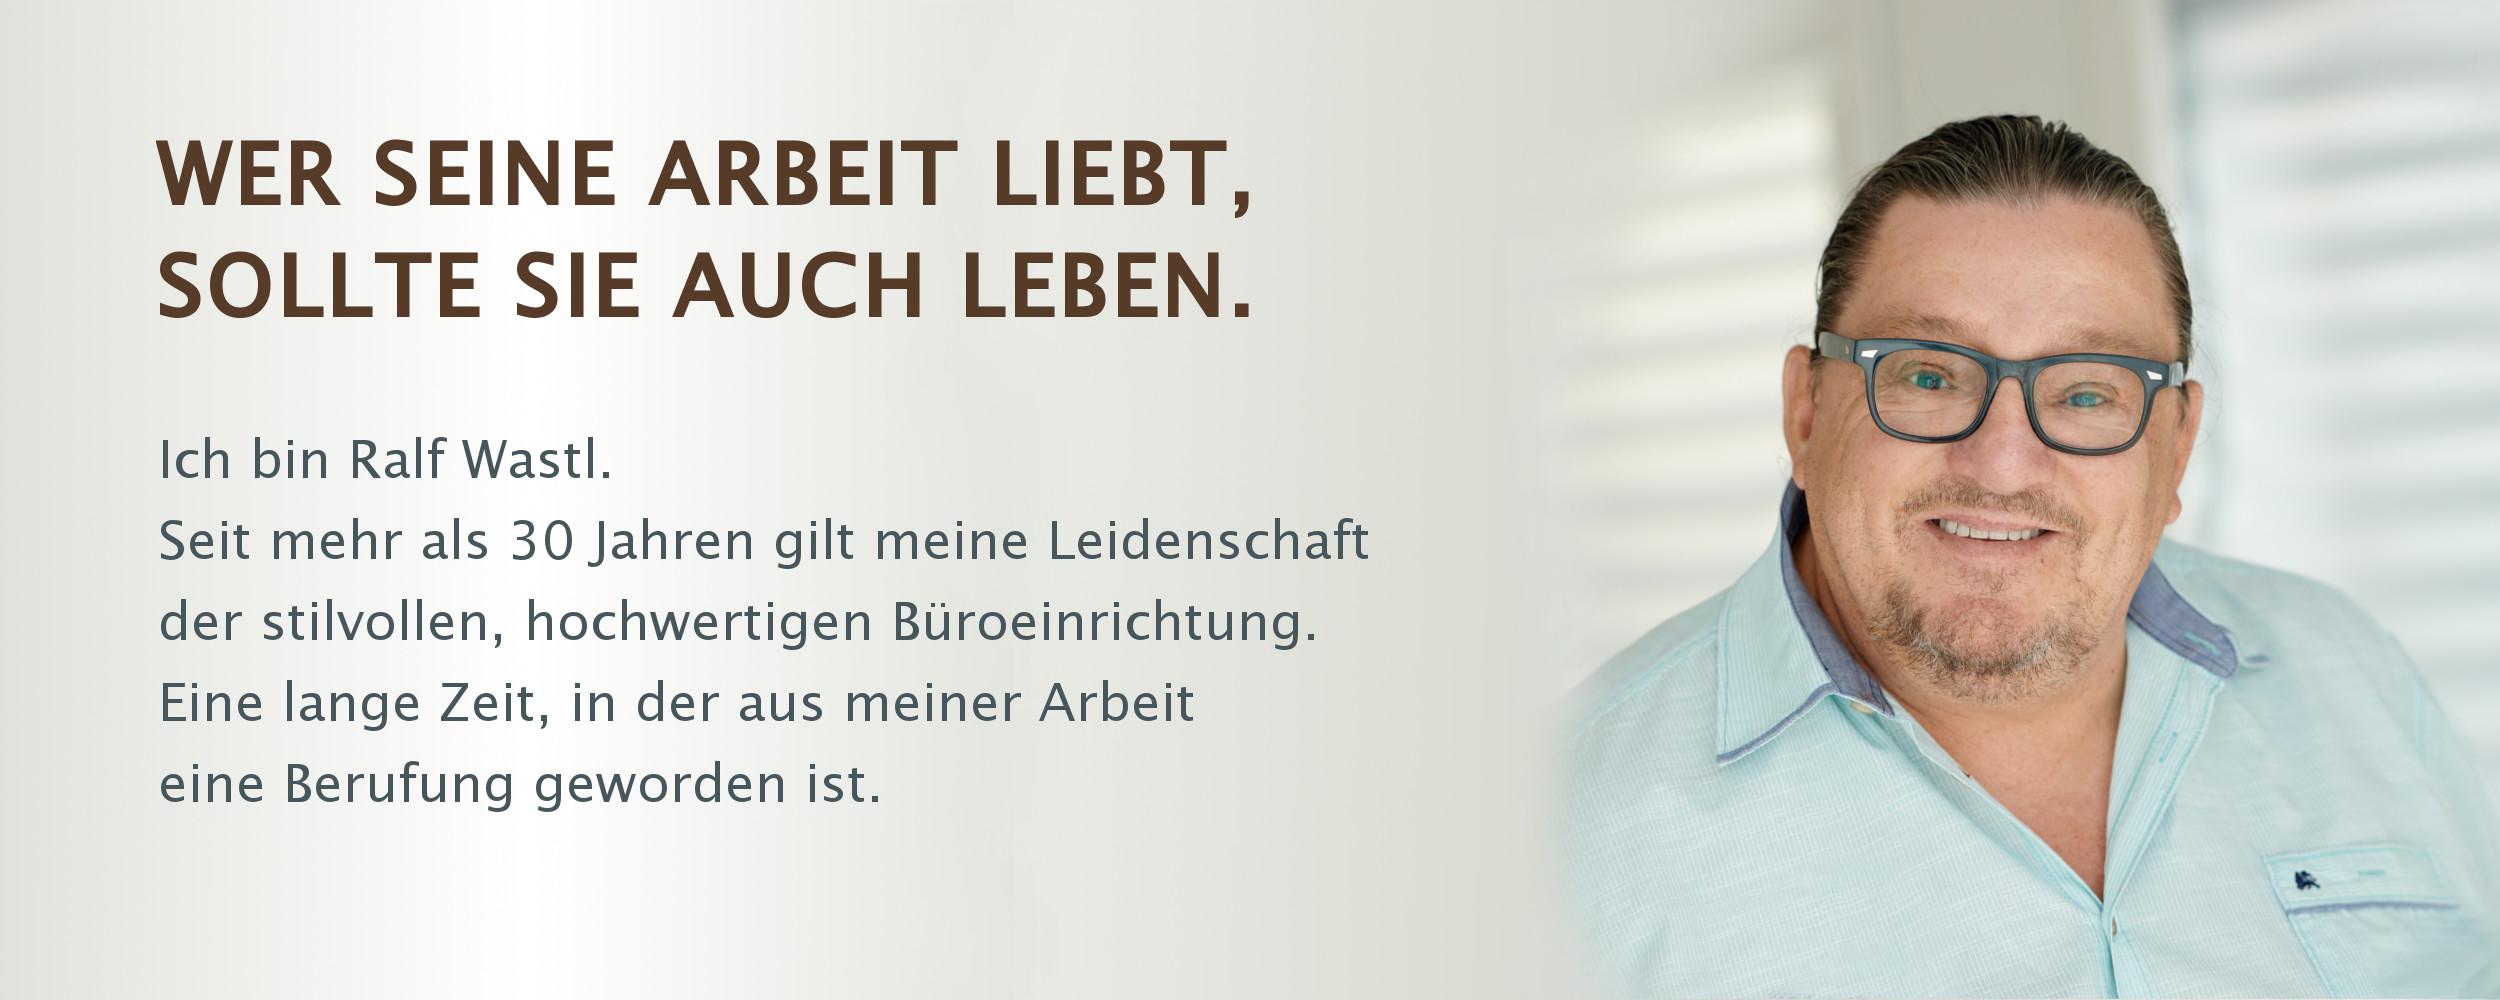 Ralf_Wastl